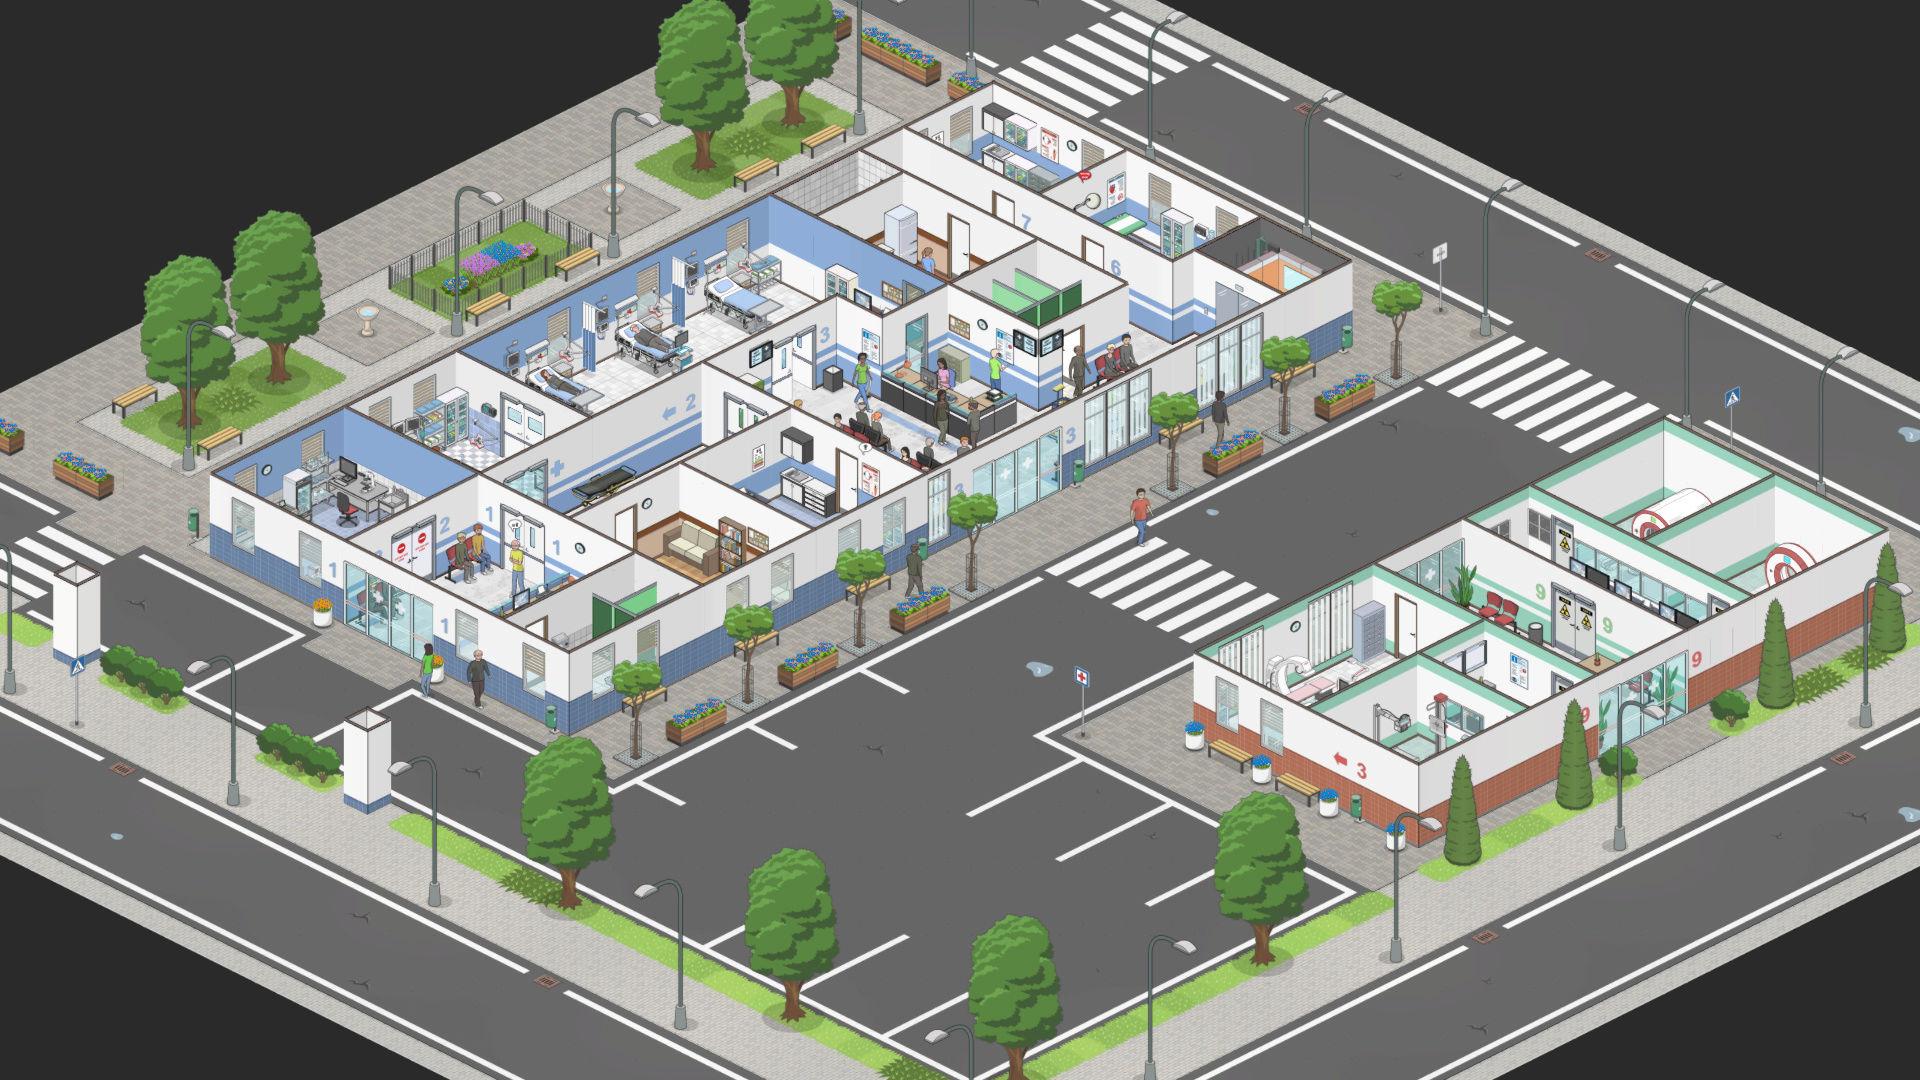 2018_05_30 - Screenshots: floors Clinic11